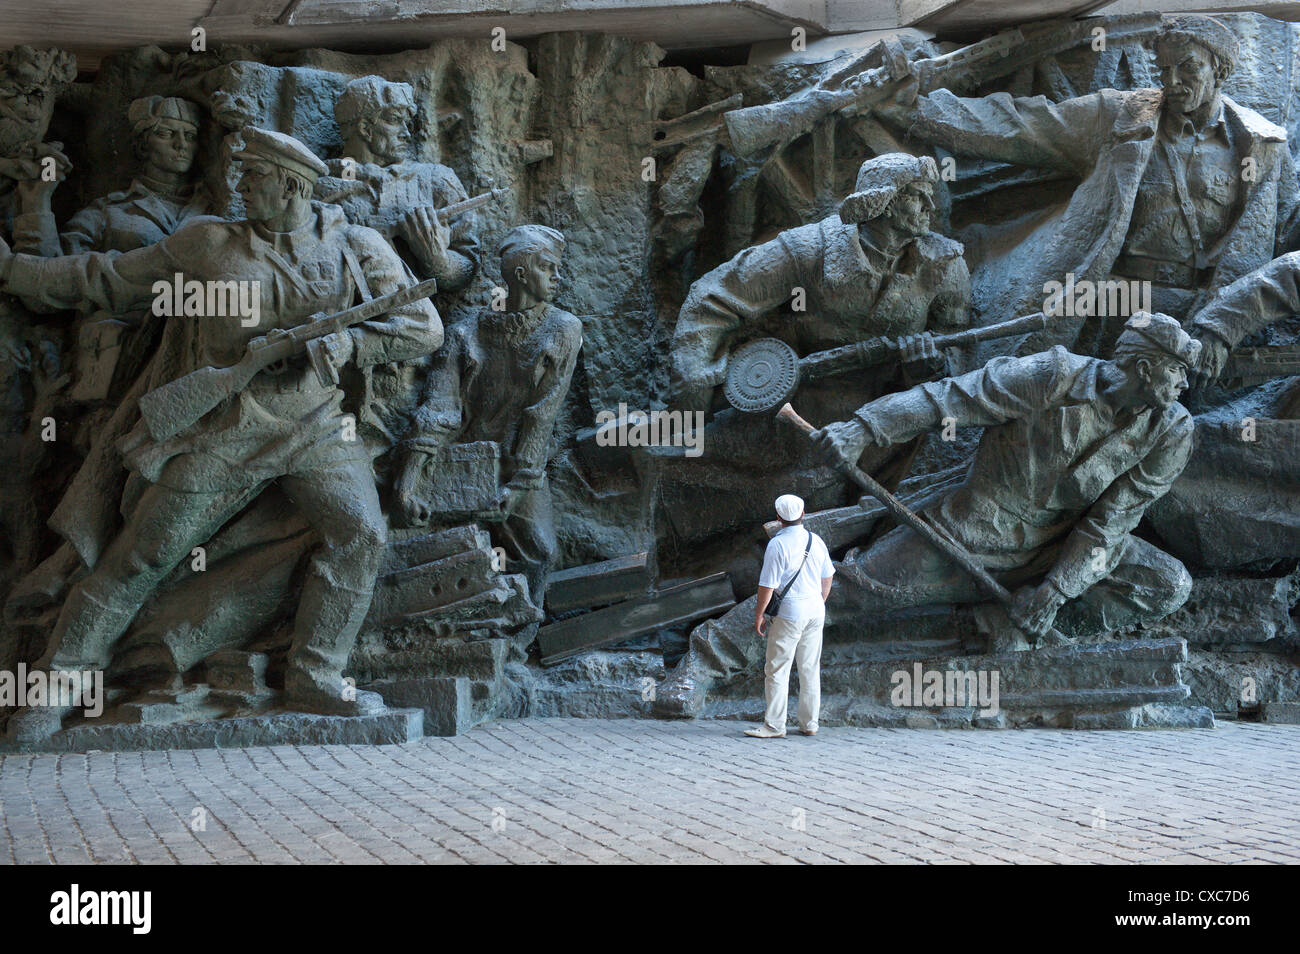 Sculpture, Musée national de l'histoire de la Grande Guerre Patriotique 1941-1945, Kiev, Ukraine, l'Europe Photo Stock